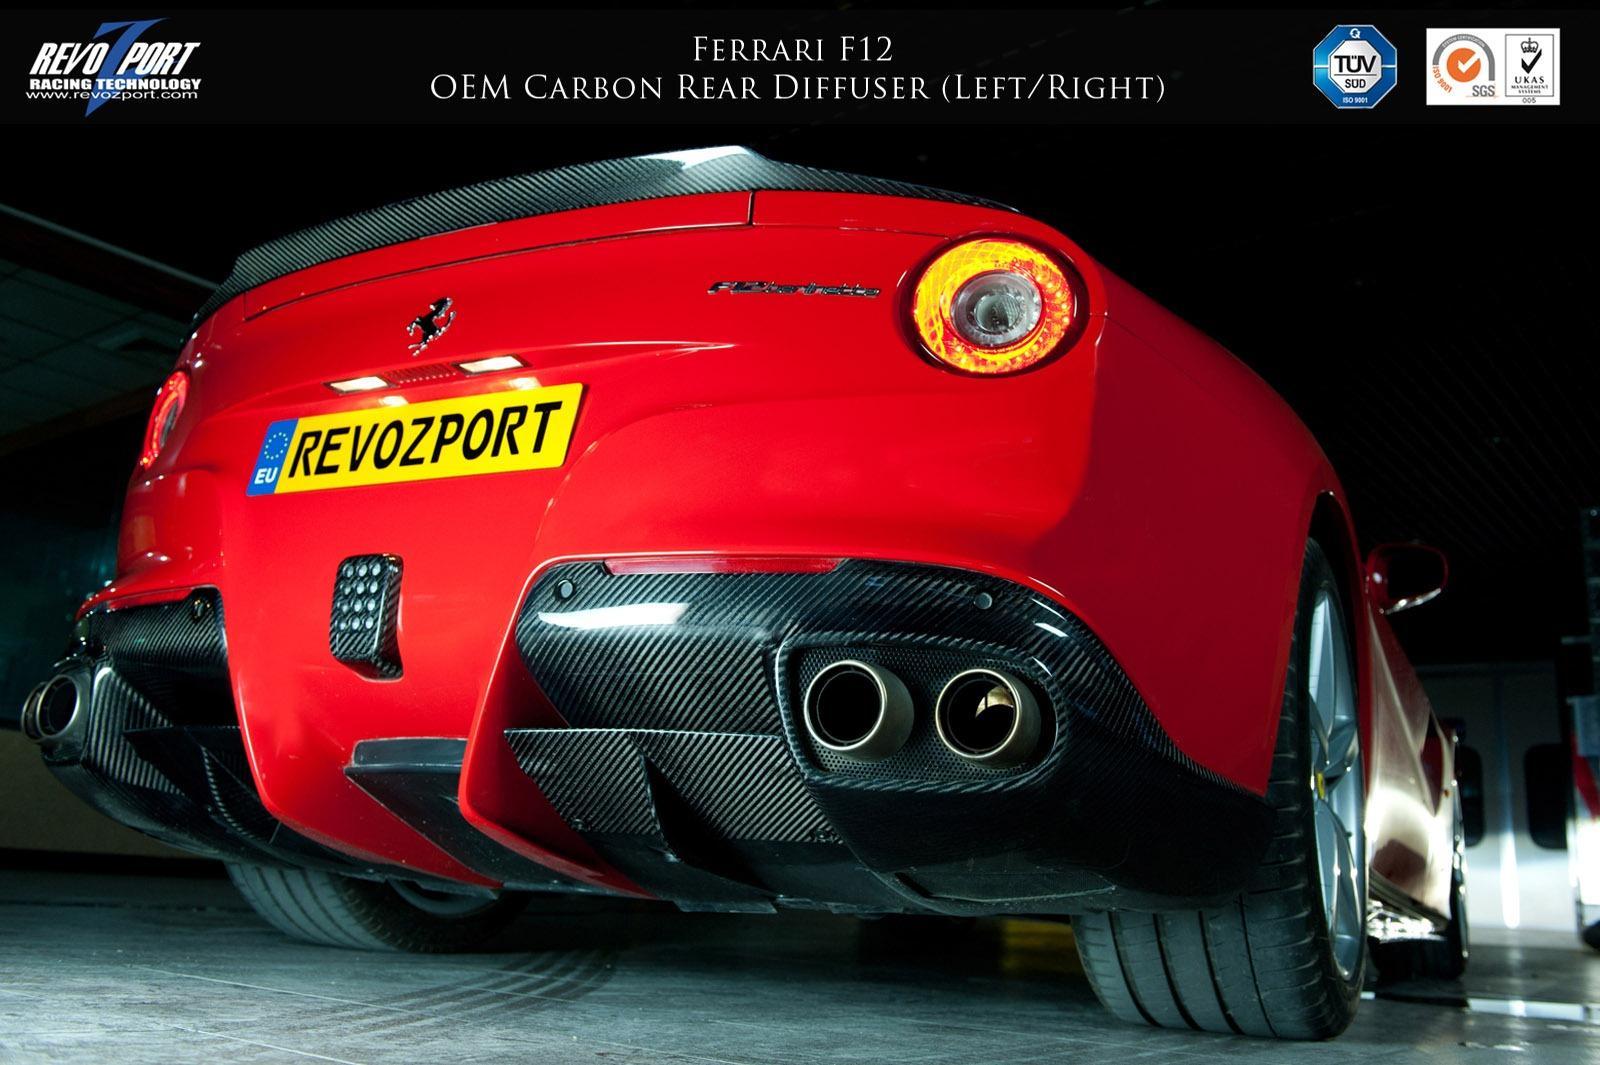 Oem Carbon Rear Diffuser Left Right Revozport